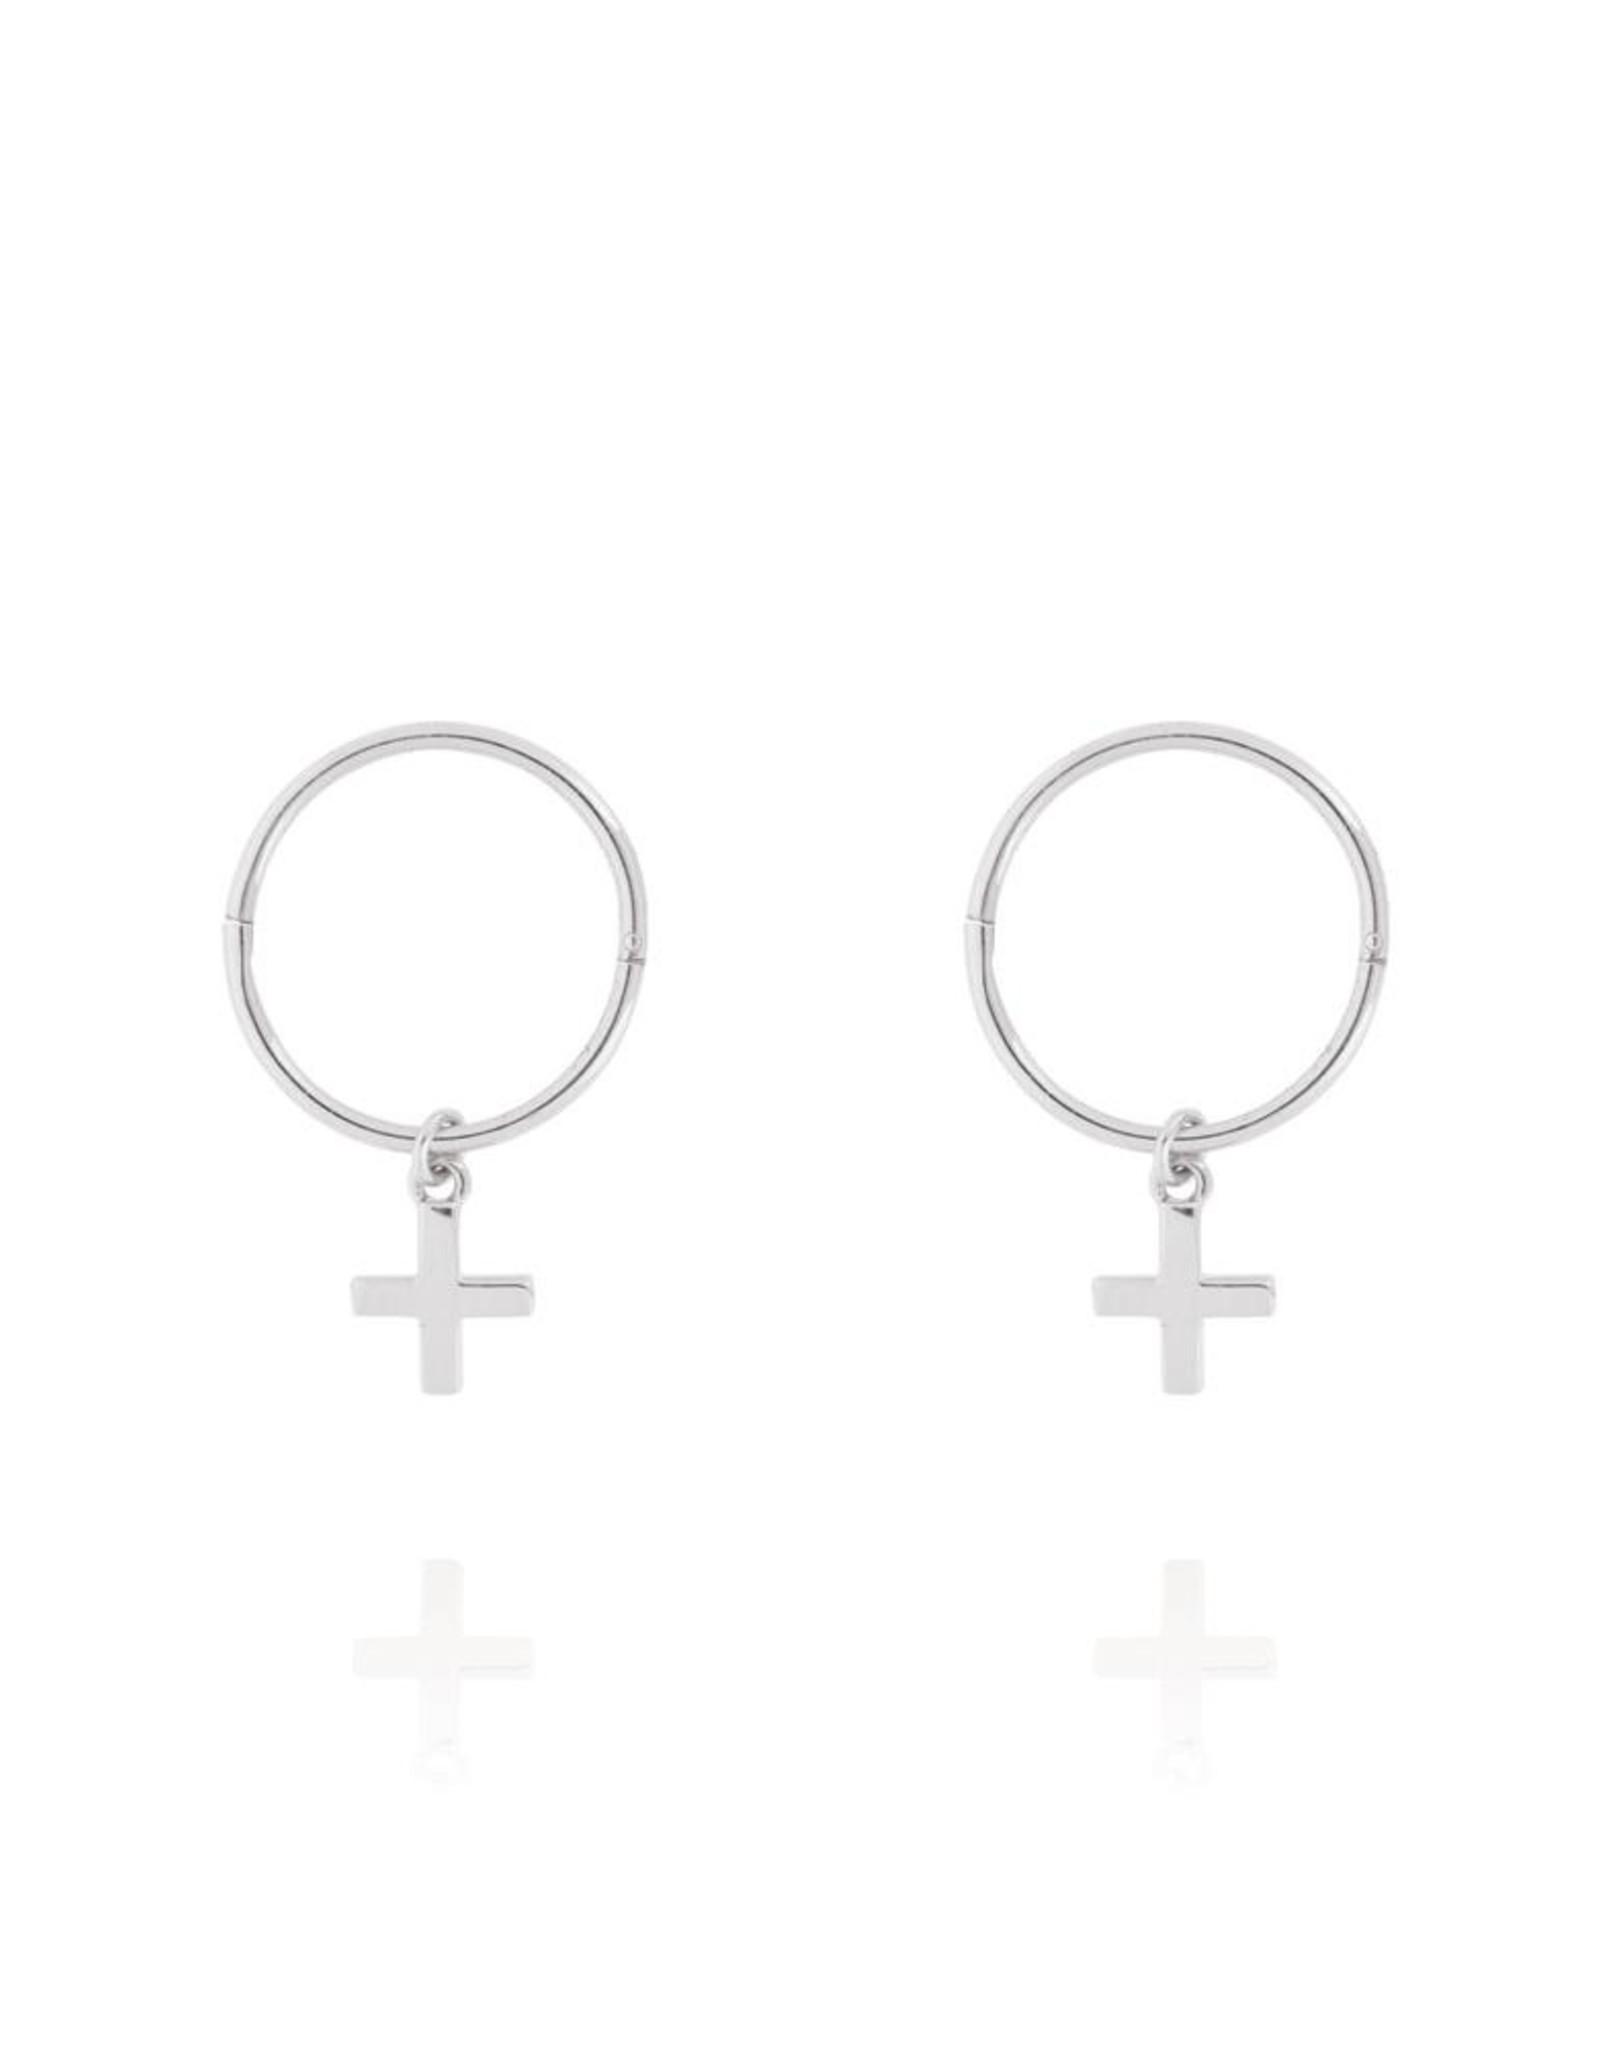 Cross Sleeper Hoop Earrings - Sterling Silver